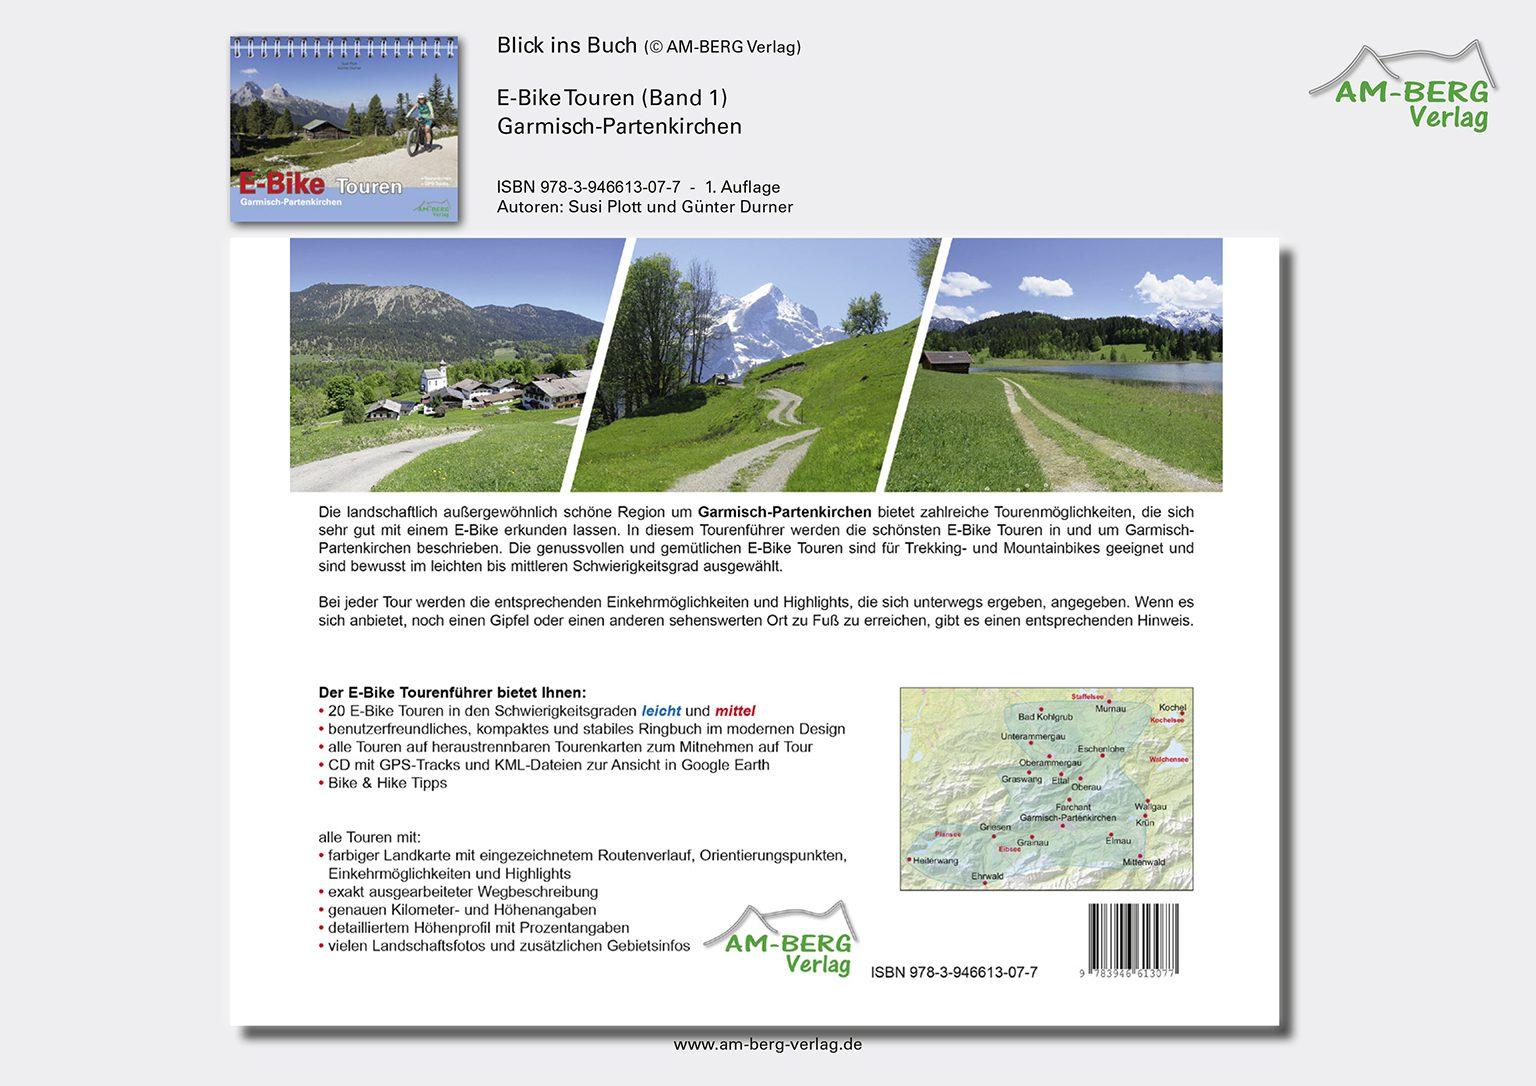 E-Bike Touren Garmisch-Partenkirchen_Rückseite